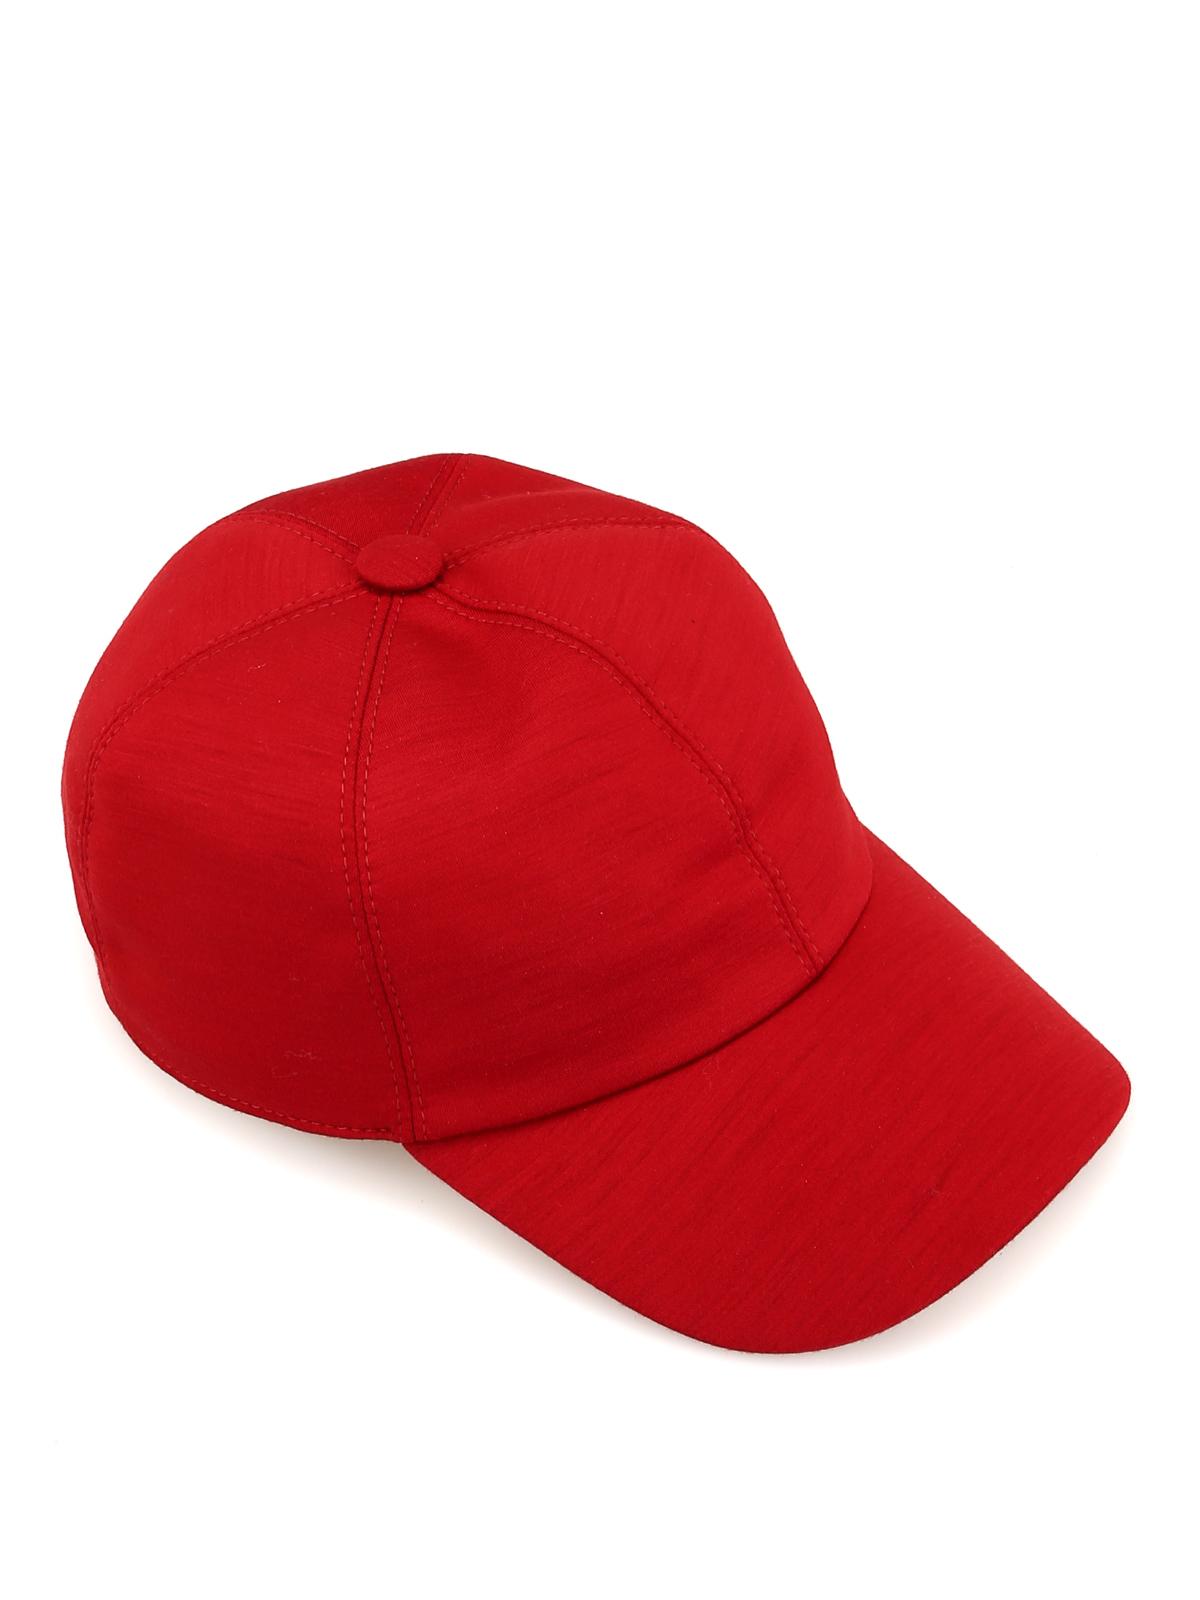 9b59e1eb12e Z Zegna - Cappellino da baseball in techmerino rosso - cappelli ...